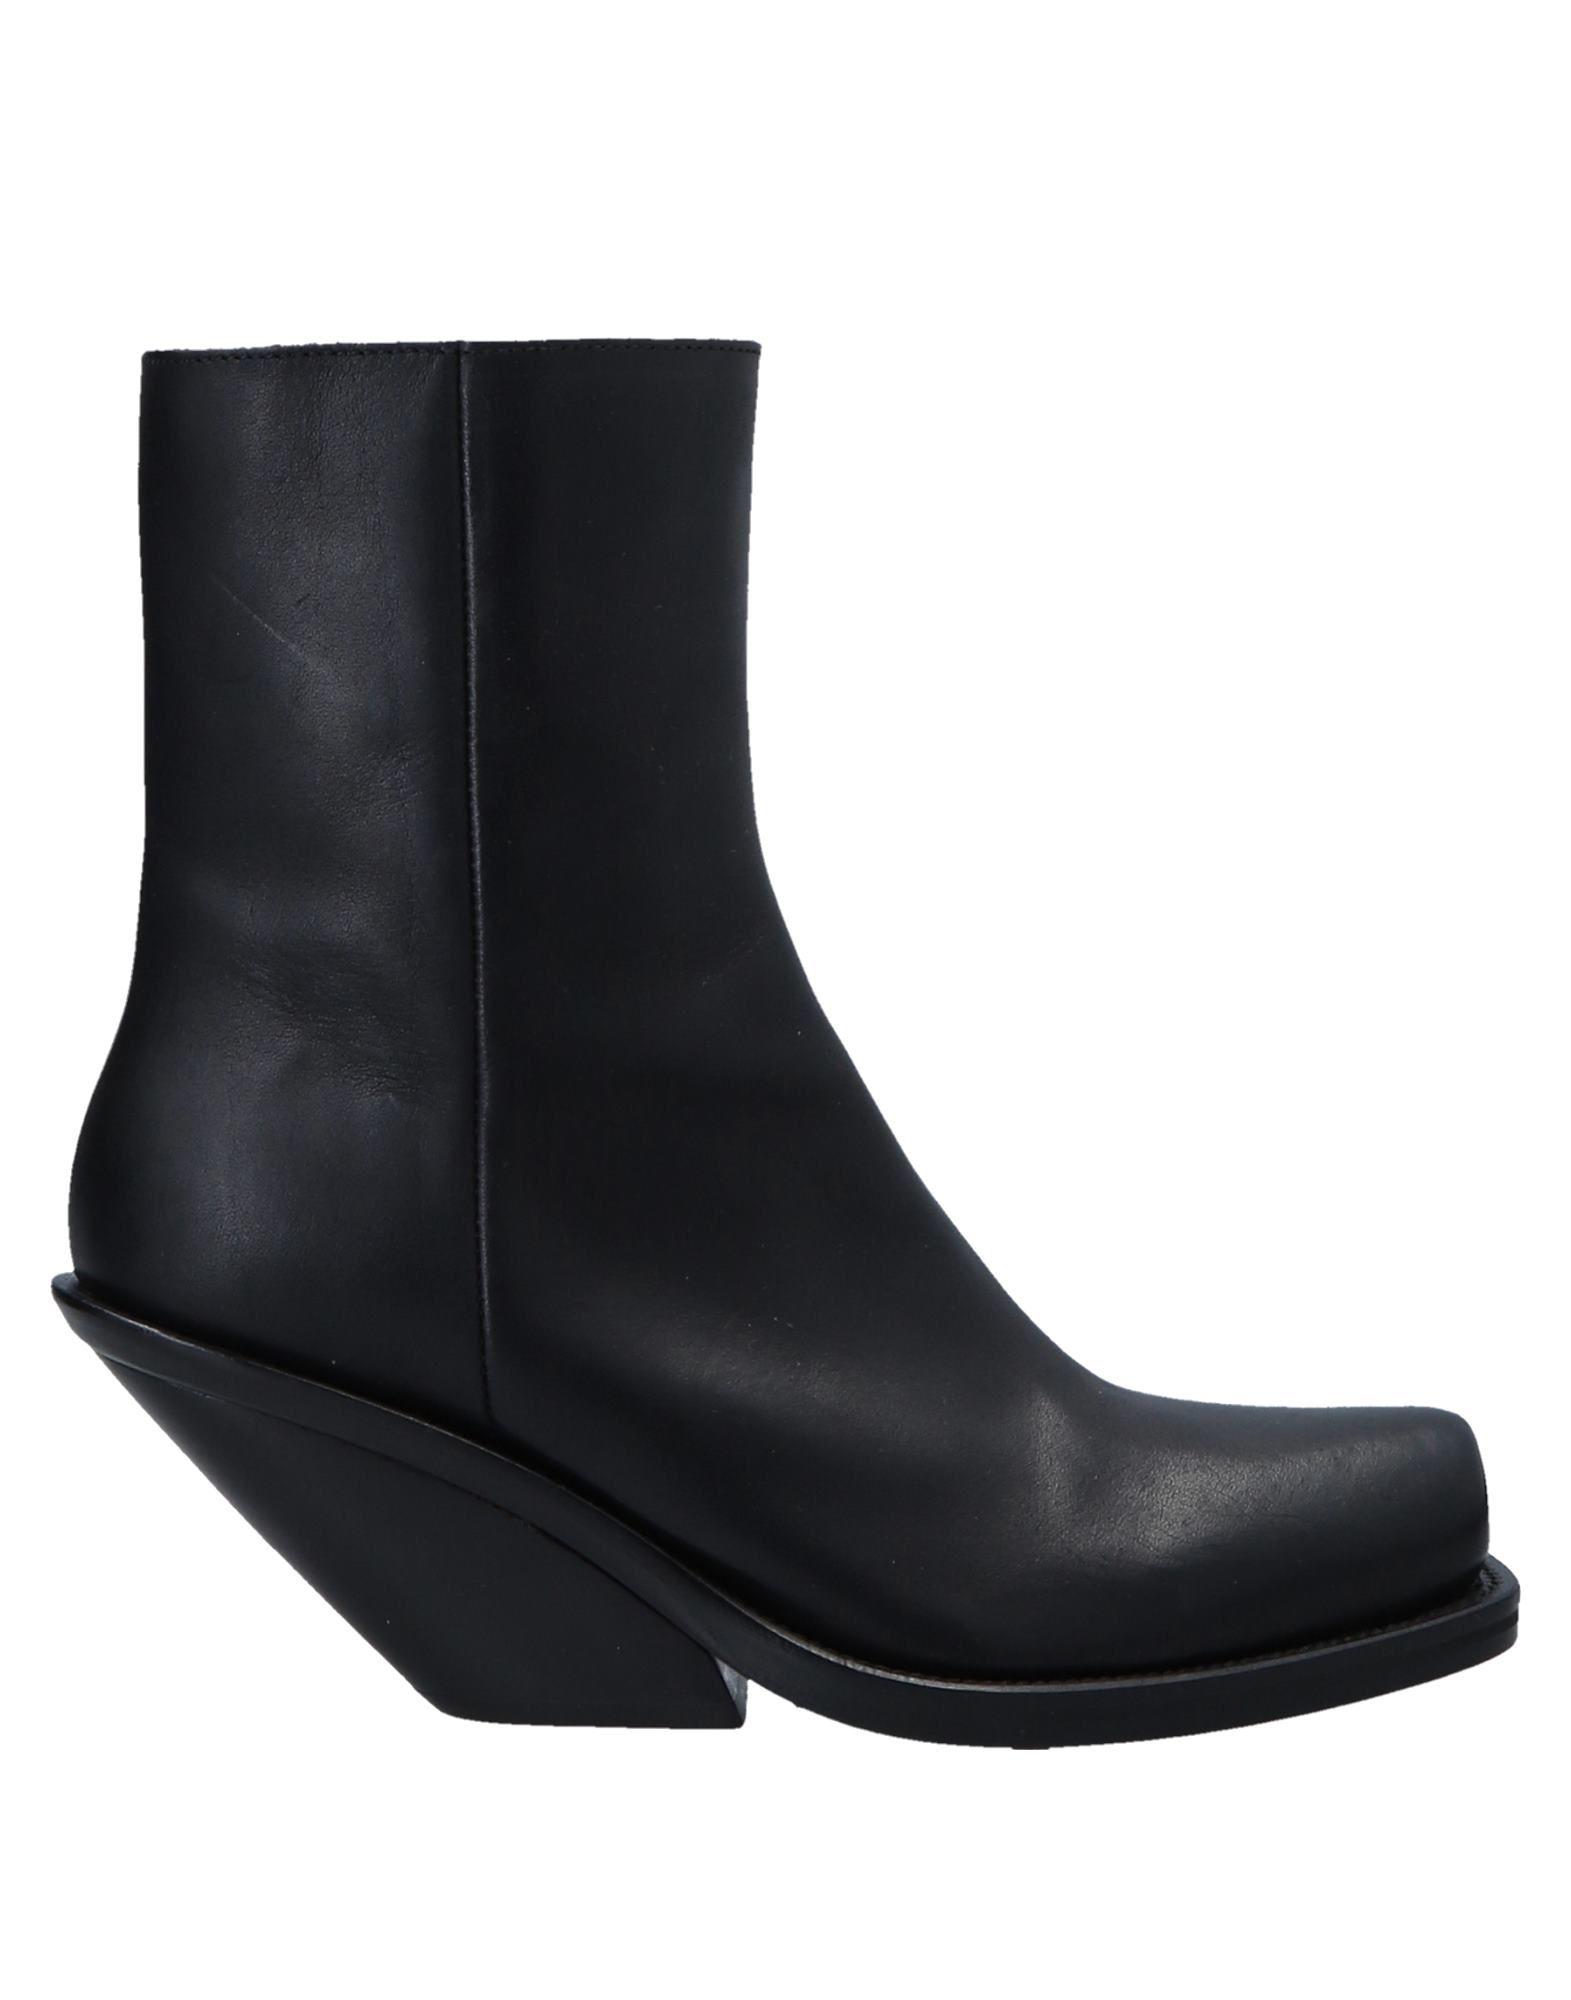 Vetements Stiefelette Damen  11526263LUGünstige Schuhe gut aussehende Schuhe 11526263LUGünstige 1c38fb